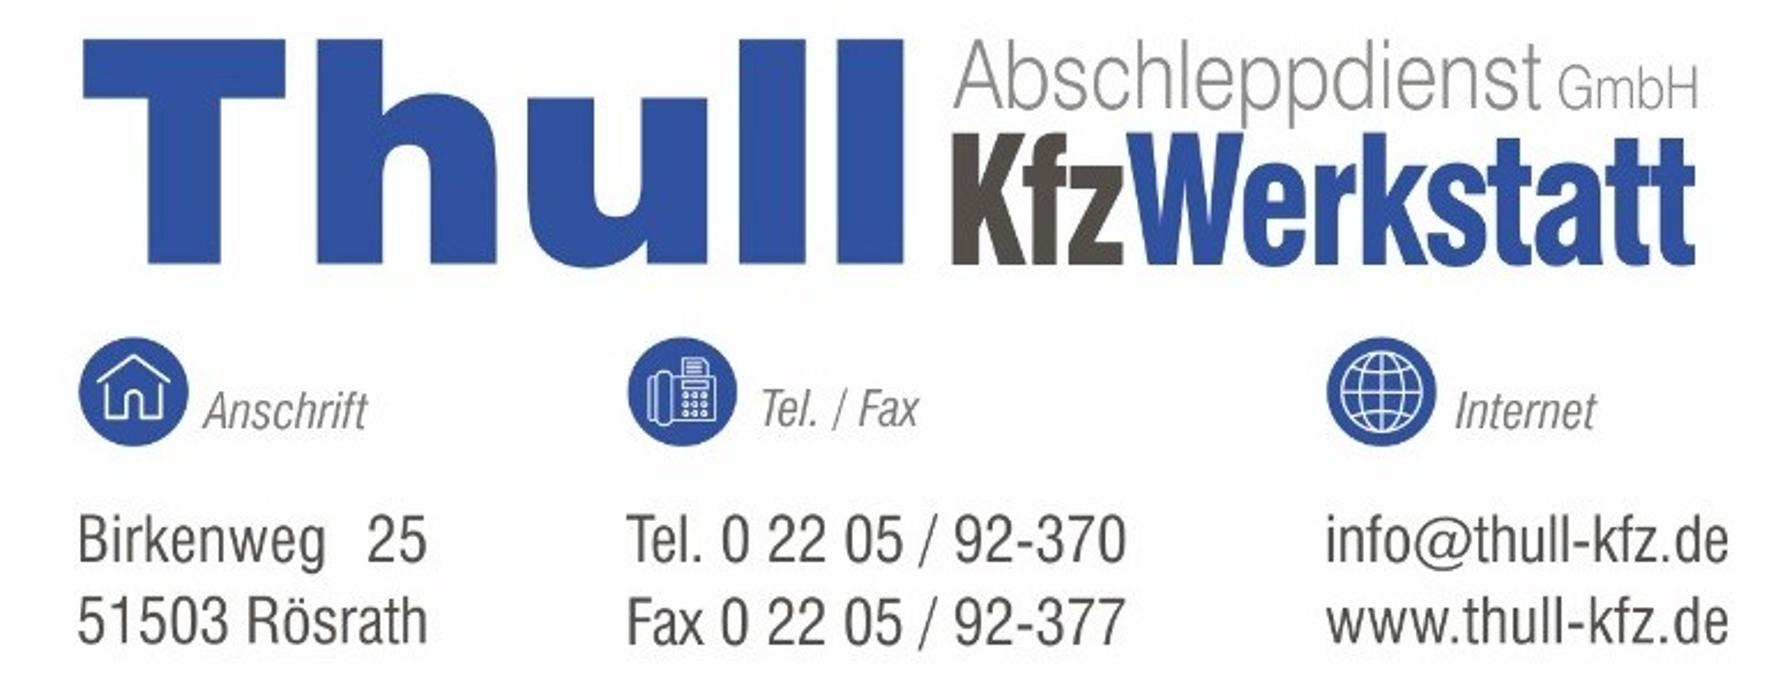 Bild zu Thull Kfz Werkstatt & Abschleppdienst Freie Kfz Werkstatt für alle Marken Renault & Dacia Spezialist in Rösrath